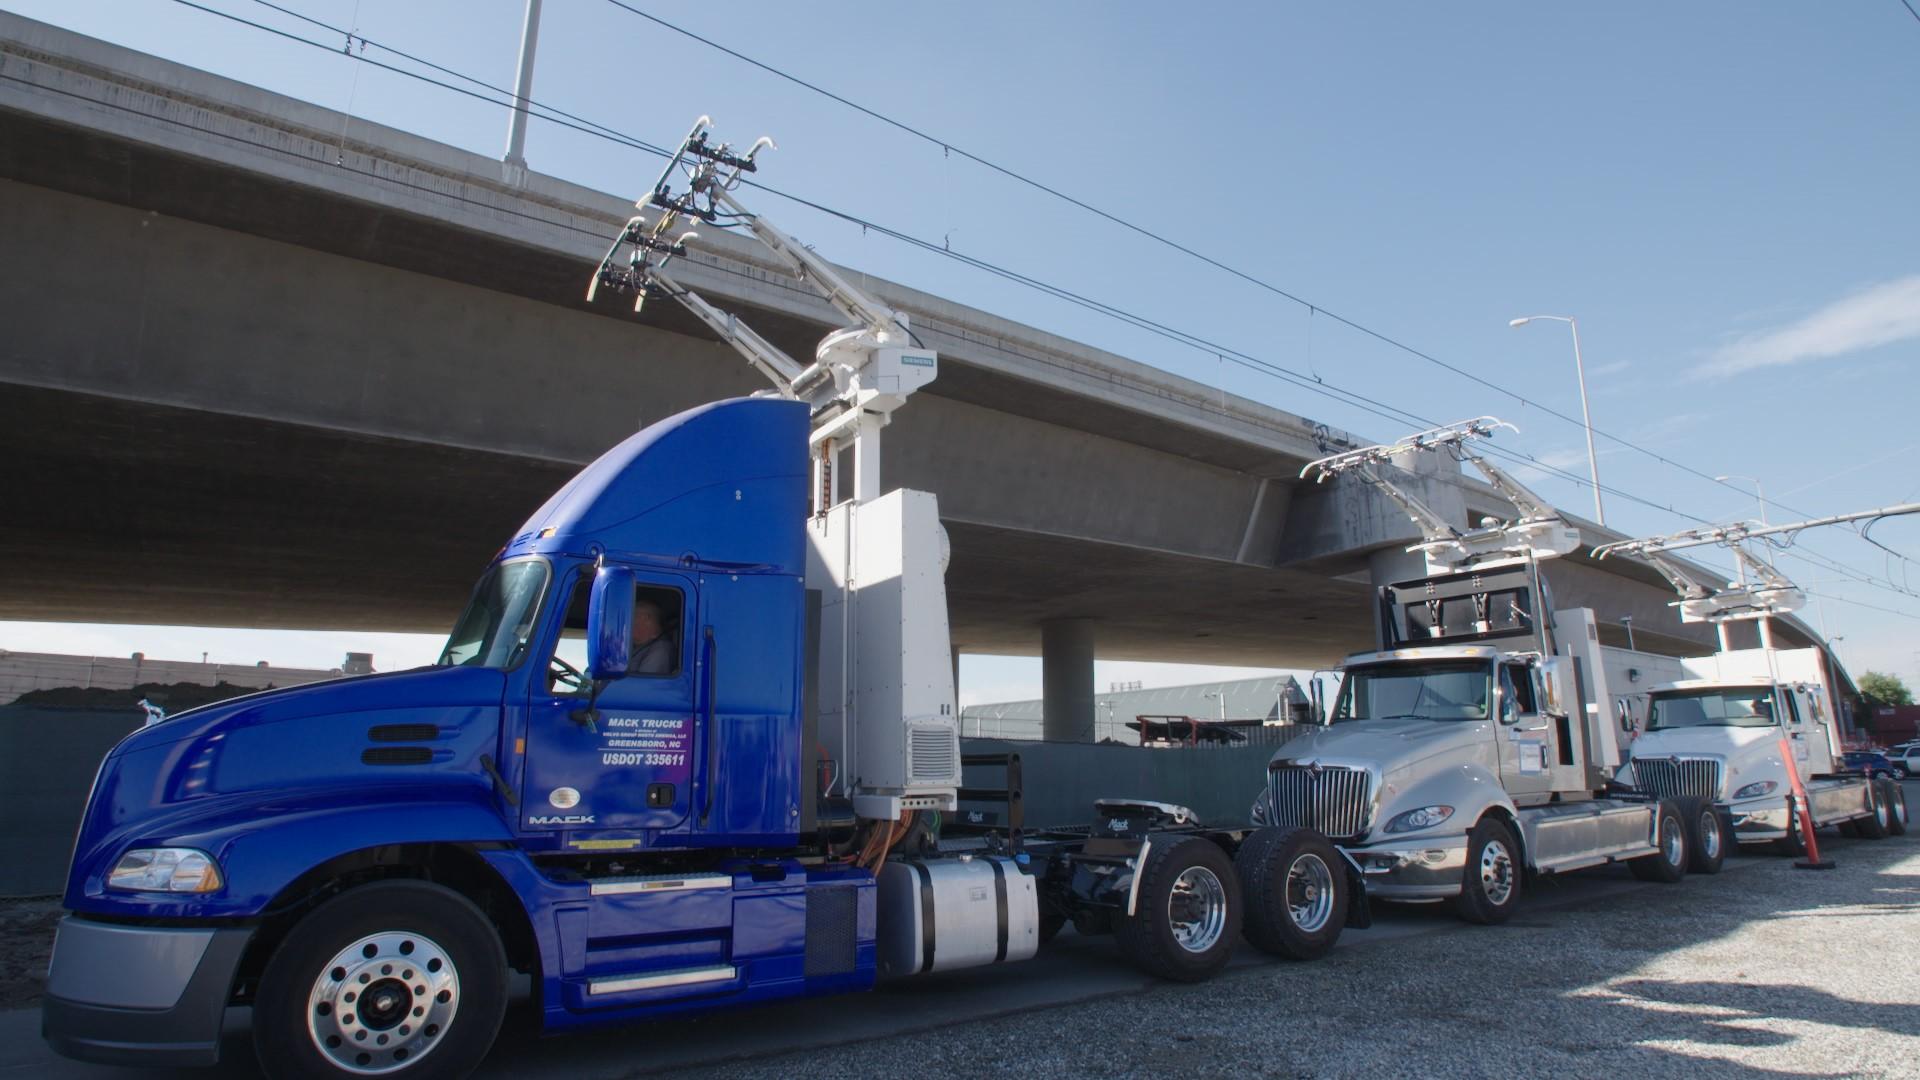 Mack Volvo E-Lkw Kalifornien eHighway Flüssiggas-Hybrid-Lkw Diesel-Hybrid-Lkw